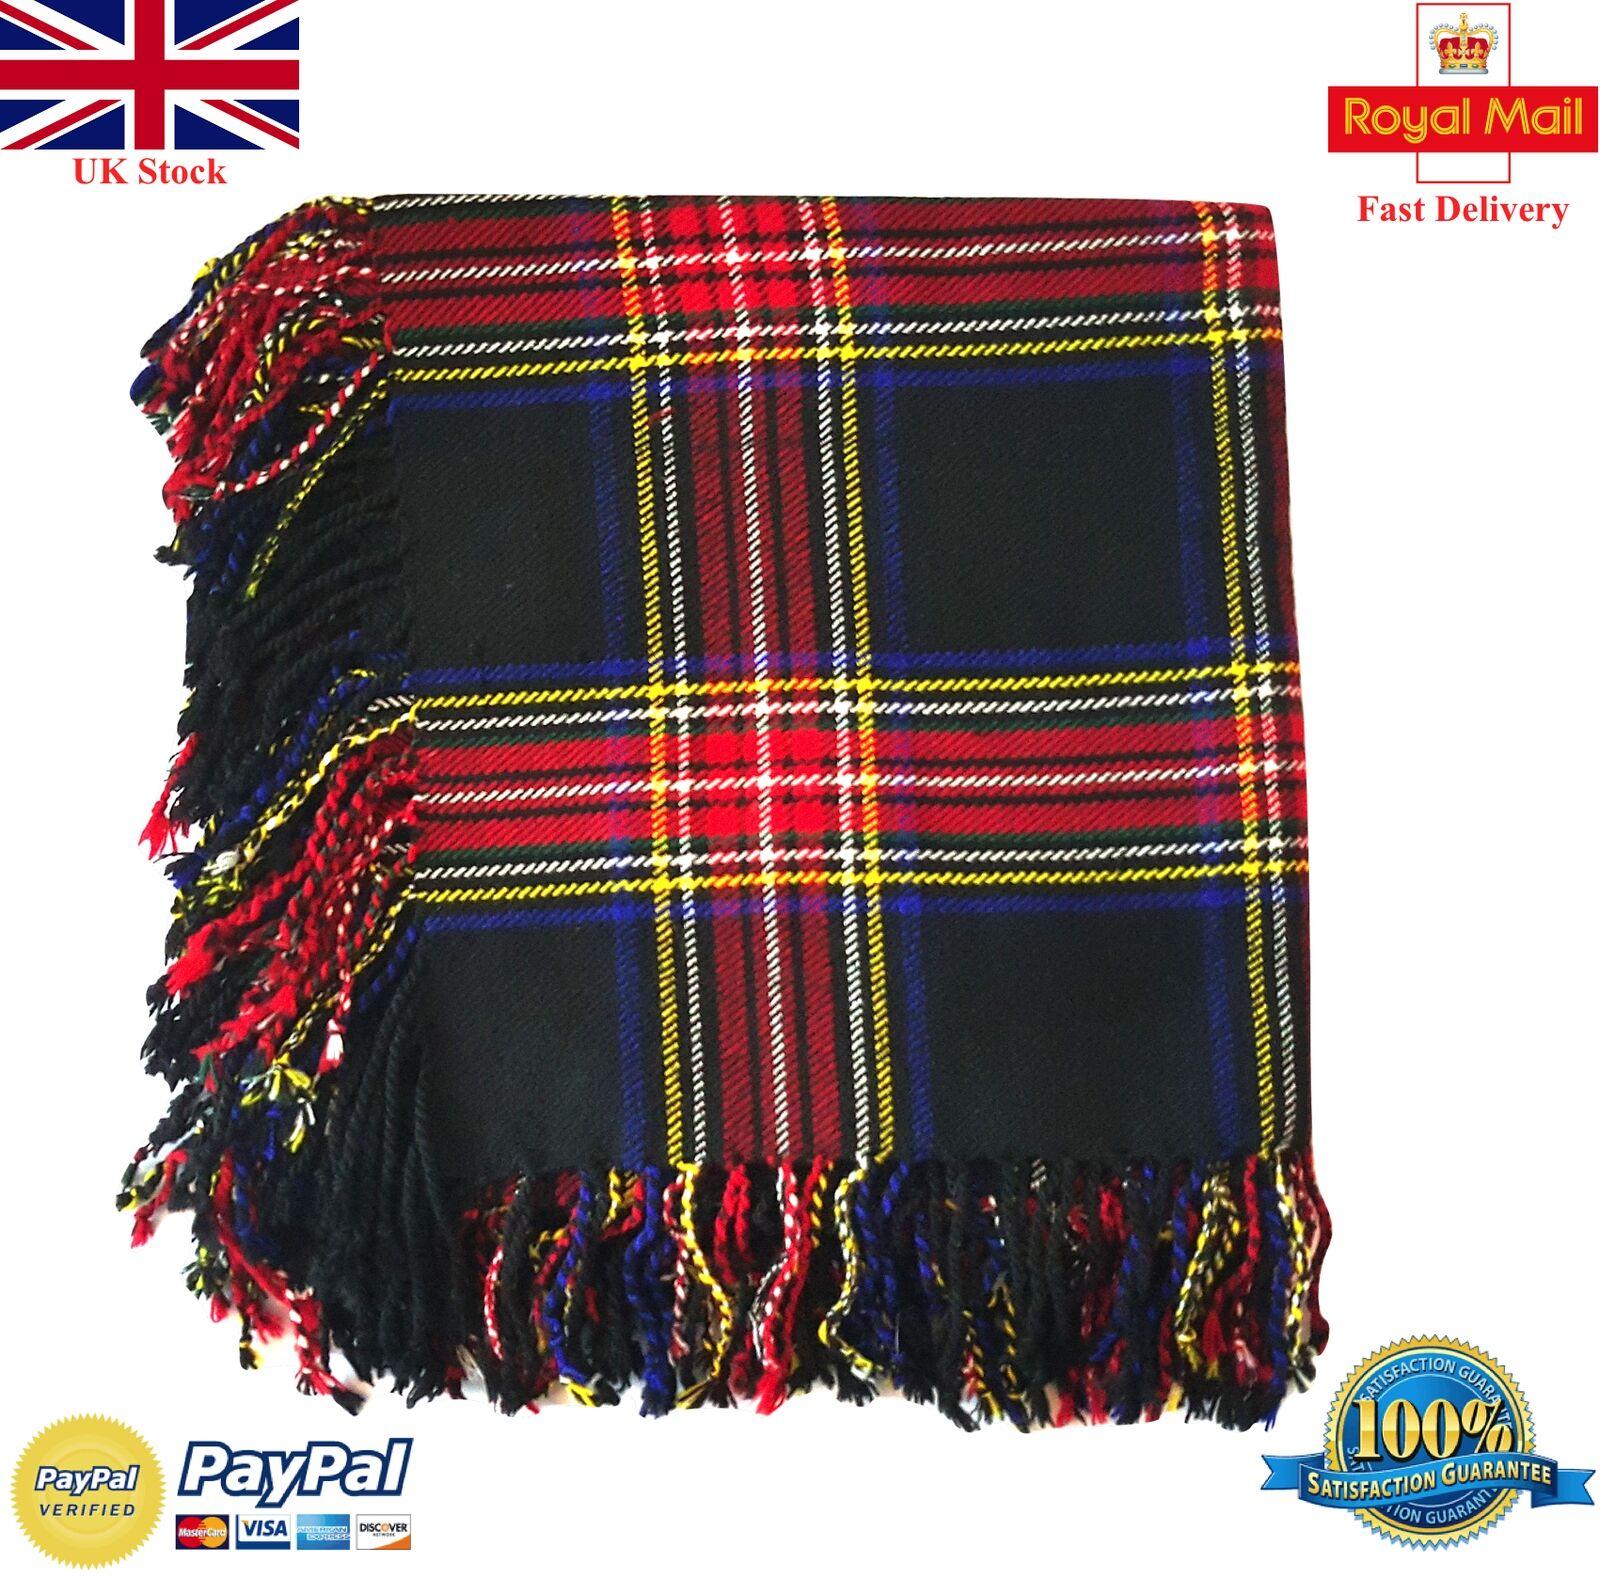 HS Scottish Kilt Fly Plaid Black Stewart Tartan 48